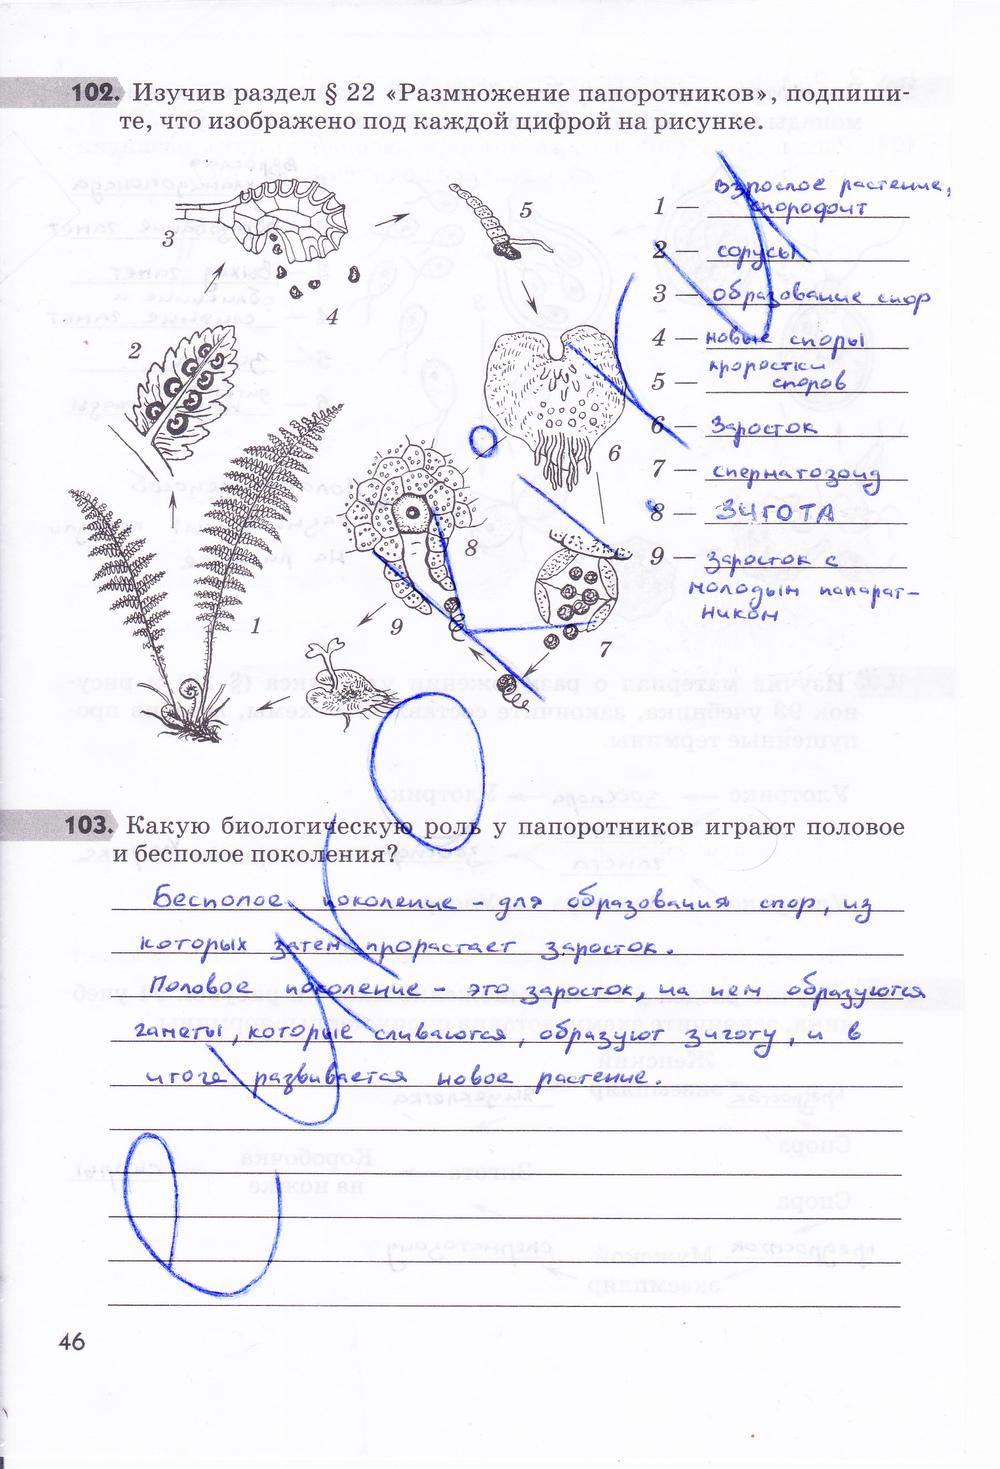 гдз по биологии пасечник 6 класс зелёная тетрадь